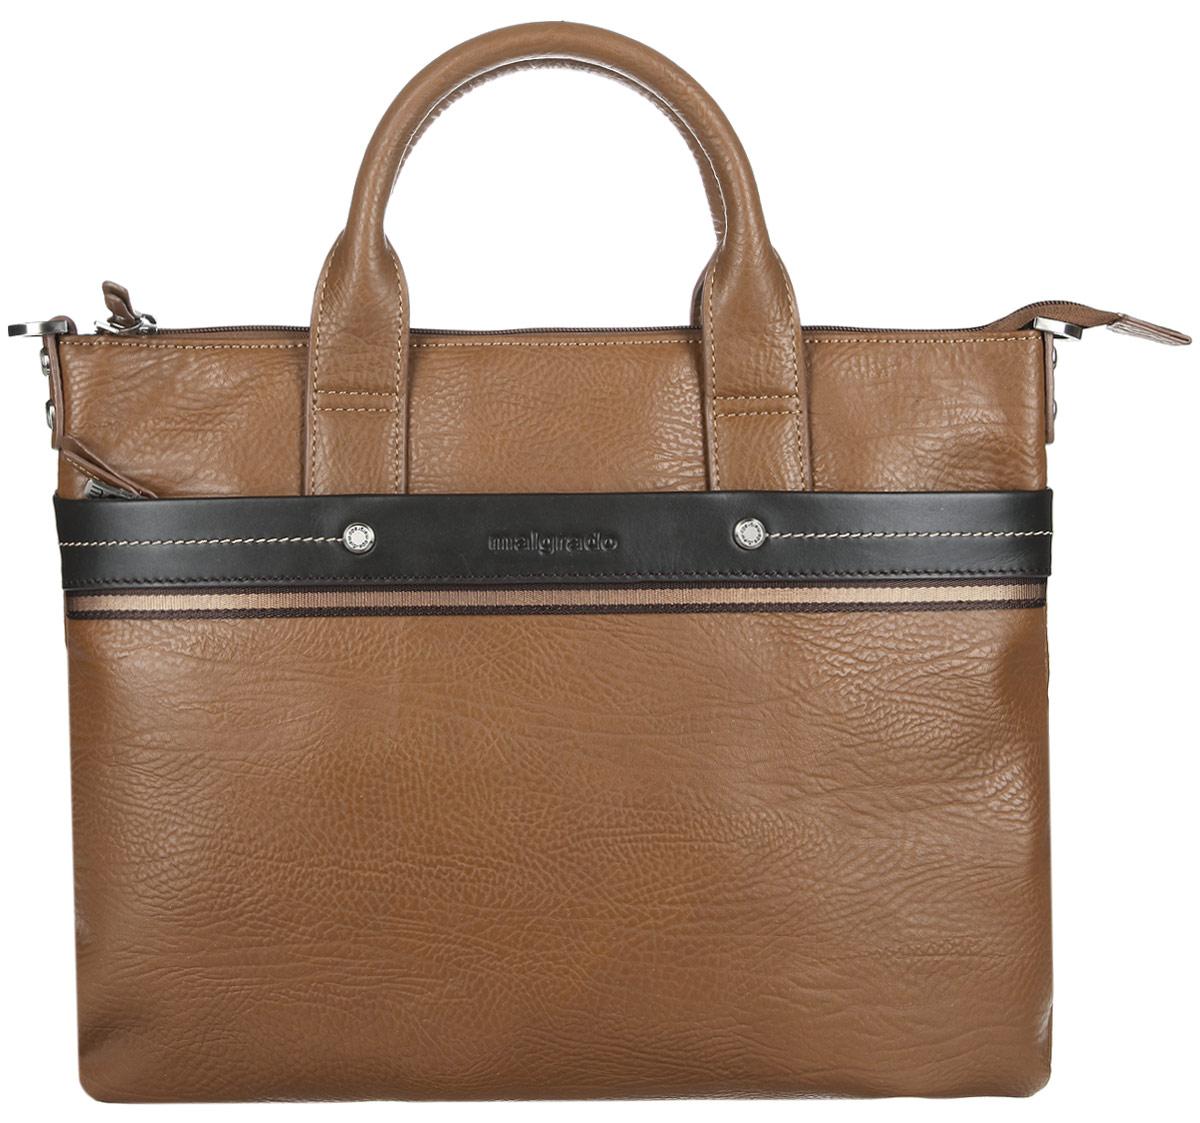 Сумка мужская Malgrado, цвет: светло-коричневый, коричневый. BR09-318B4932BR09-318B4932Стильная мужская сумка Malgrado выполнена из натуральной кожи с зернистой фактурой, оформлена металлической фурнитурой с символикой бренда и контрастной строчкой. Сумка содержит одно отделение, которое закрывается на застежку-молнию. Внутри изделия расположены врезной карман на застежке-молнии и органайзер, состоящий из трех кармашков для кредитных карт, двух накладных карманов и двух кожаных фиксаторов для письменных принадлежностей. Снаружи, на задней стороне сумки, расположен накладной карман на магнитной кнопке. Лицевая сторона сумки дополнена мягким накладным карманом на молнии. Сумка оснащена двумя практичными ручками и съемным плечевым ремнем регулируемой длины, которые позволят носить изделие, как в руках, так и на плече. Практичный аксессуар позволит вам завершить образ и подчеркнуть деловой стиль.